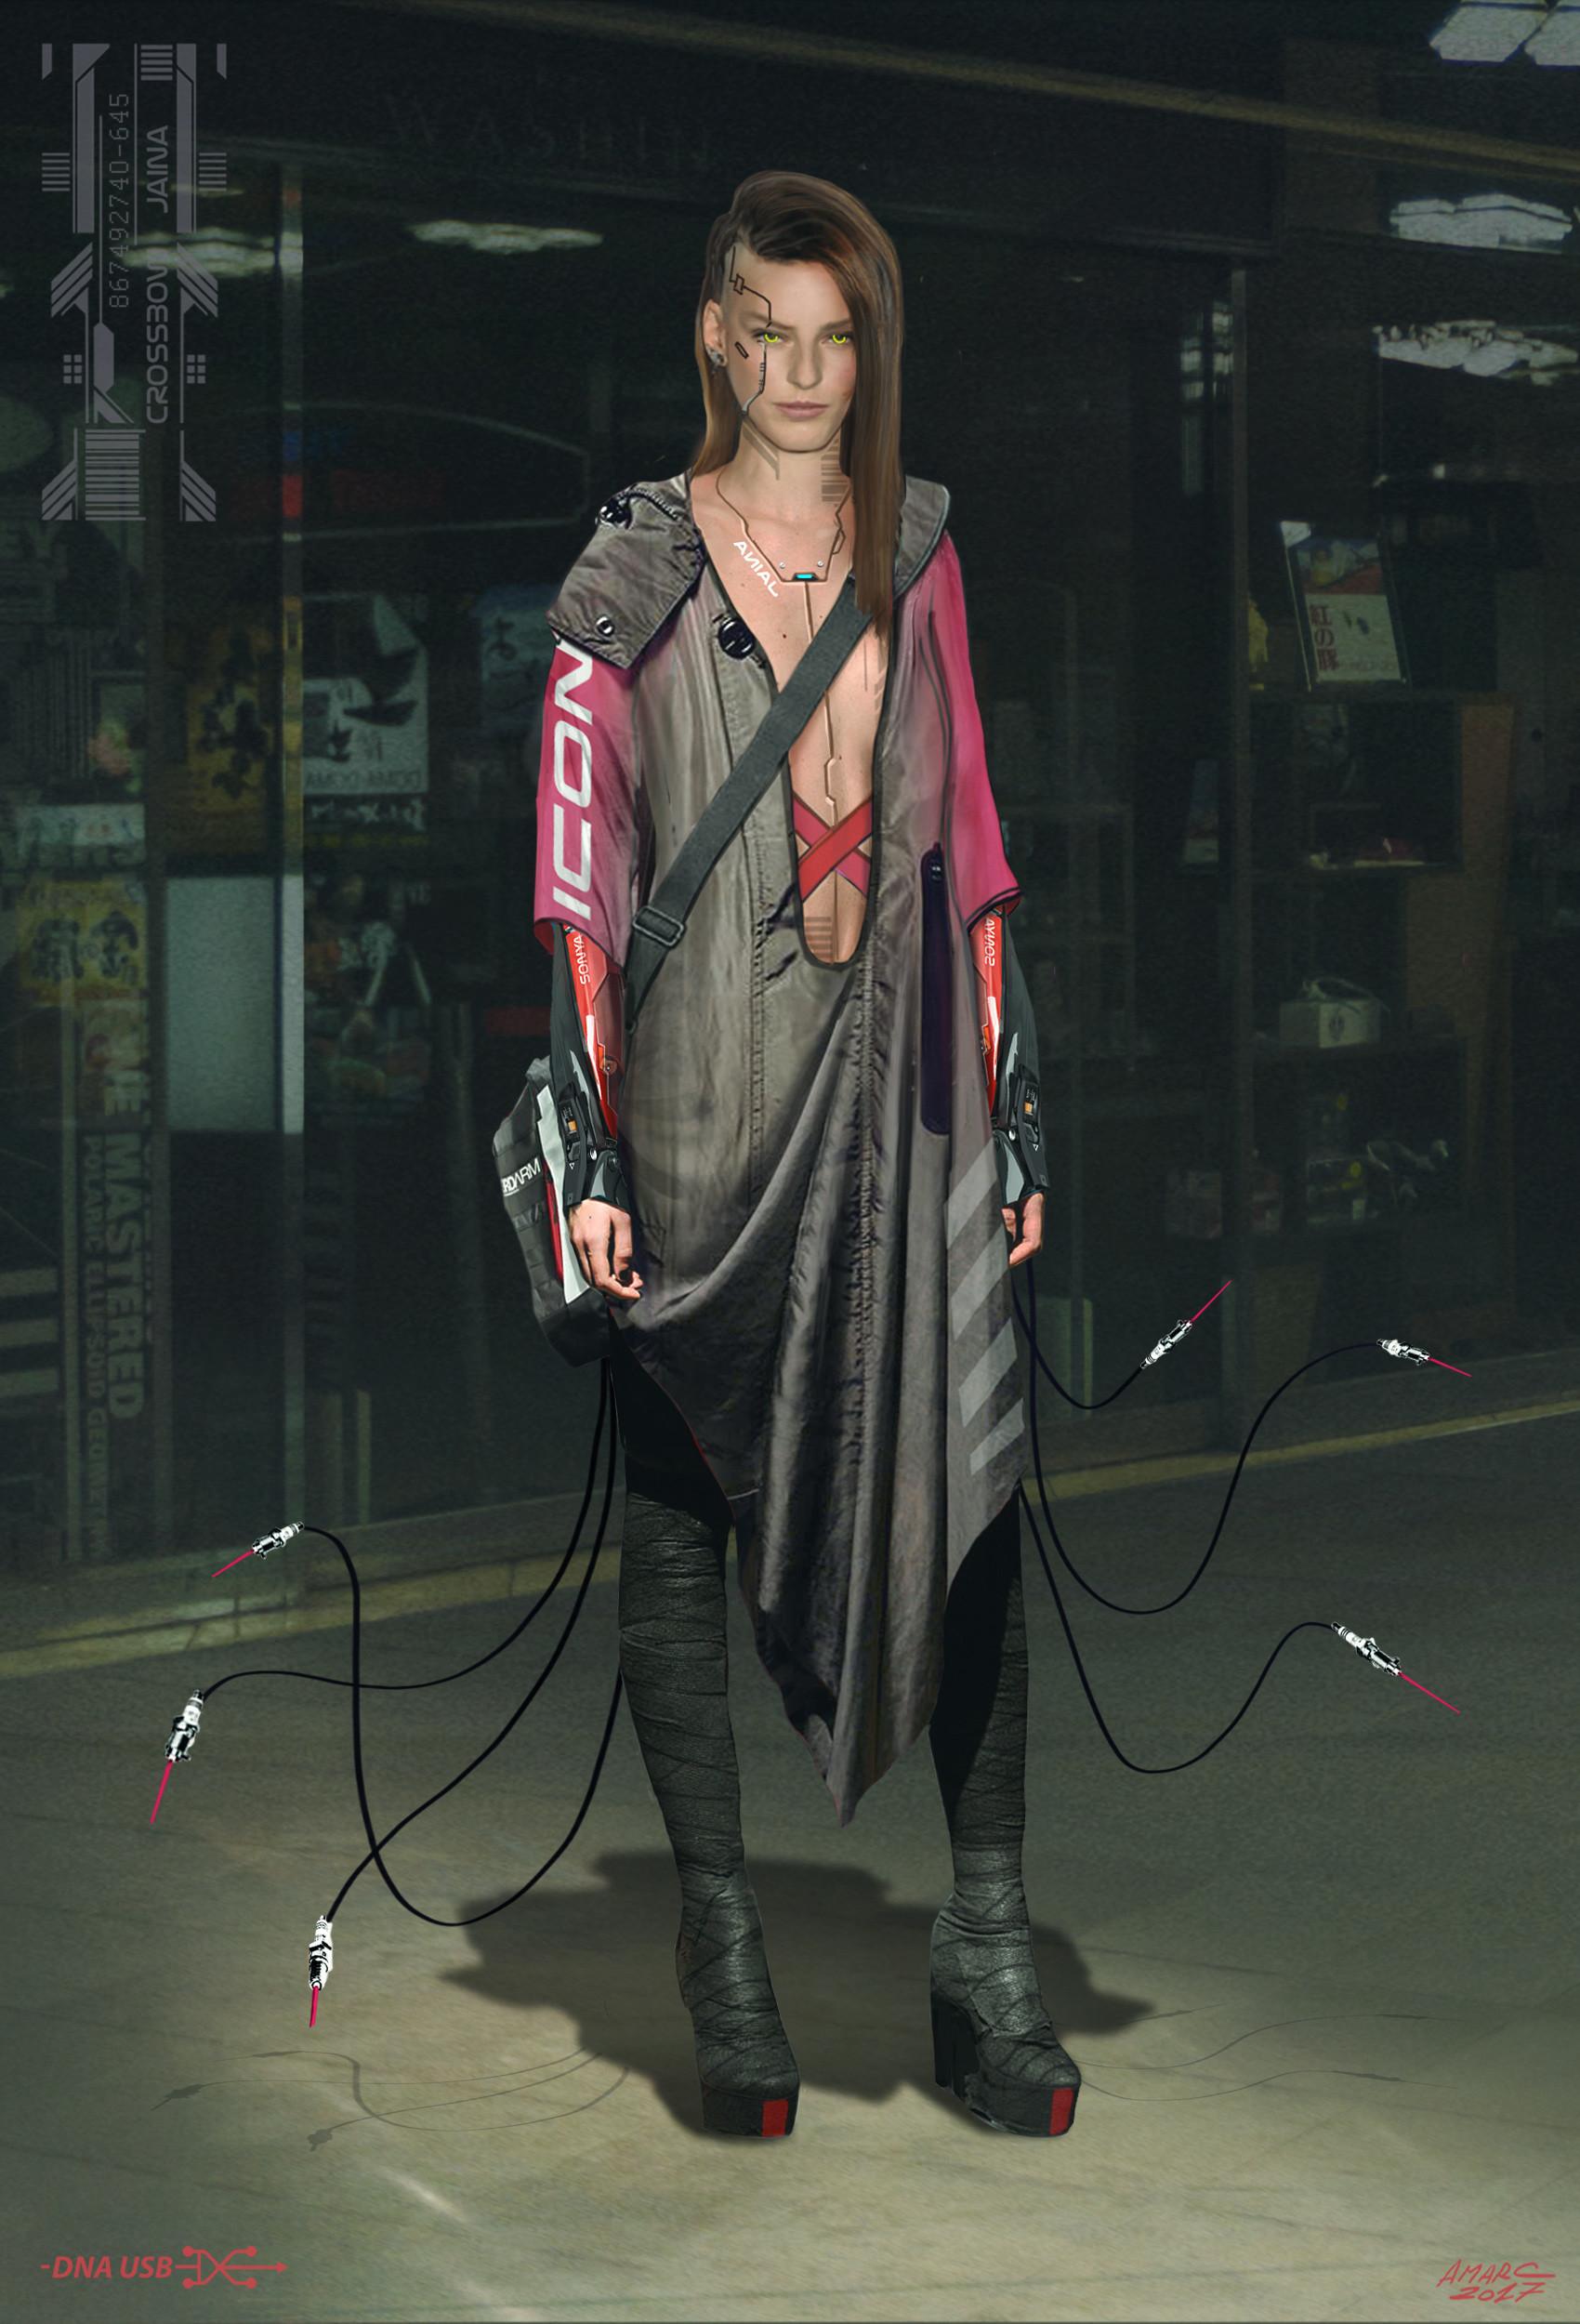 dnahacker - Cyberpunk 2077